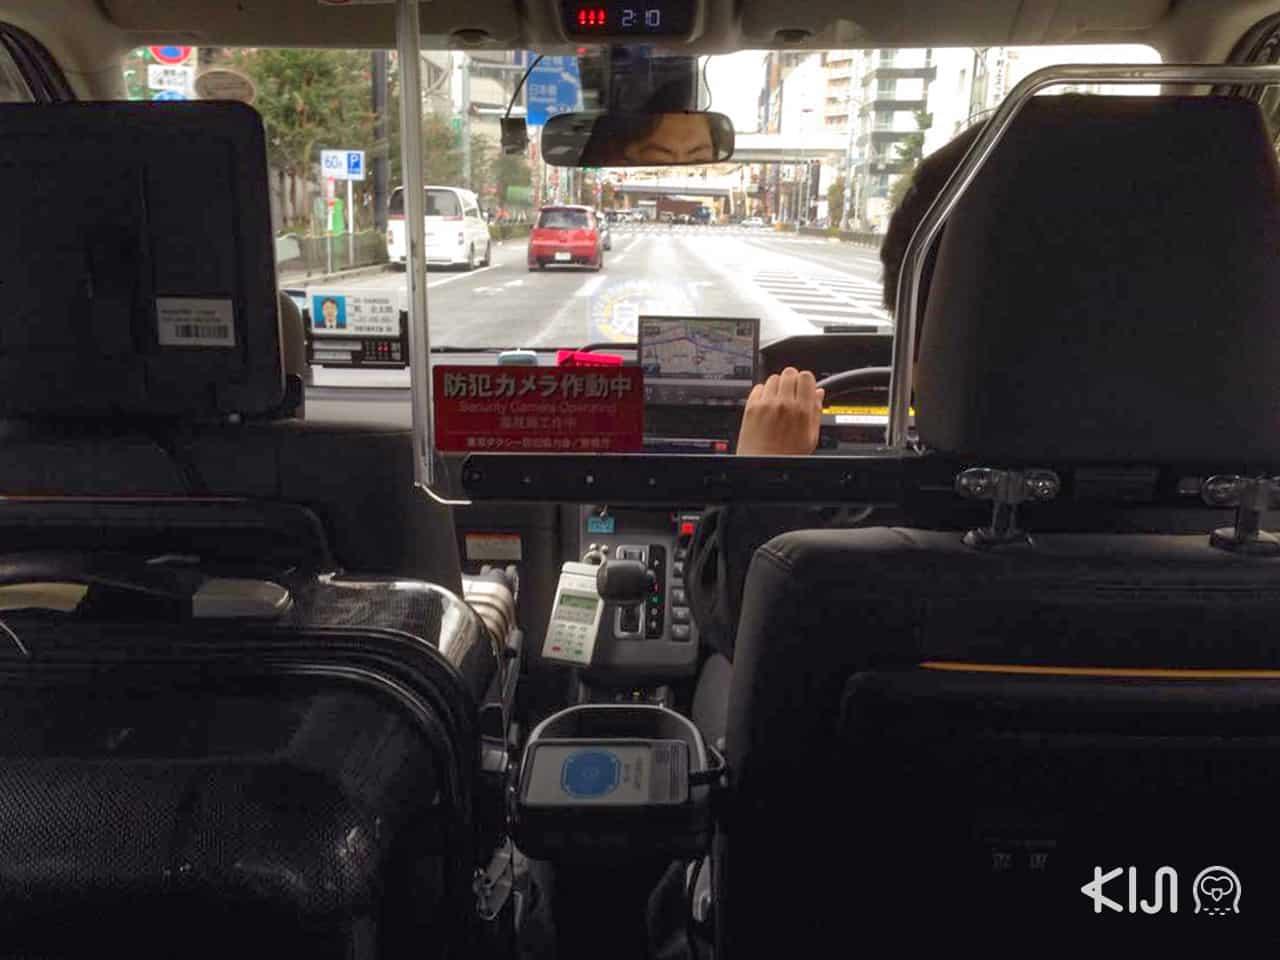 Taxi Tokyo : ราคาเริ่มต้นตามปกติ 1 กม.แรก 410 เยน (โตเกียว) และมีแผ่นกรอบใสคั่นระหว่างคนขับและผู้โดยสารหลังตามปกติ